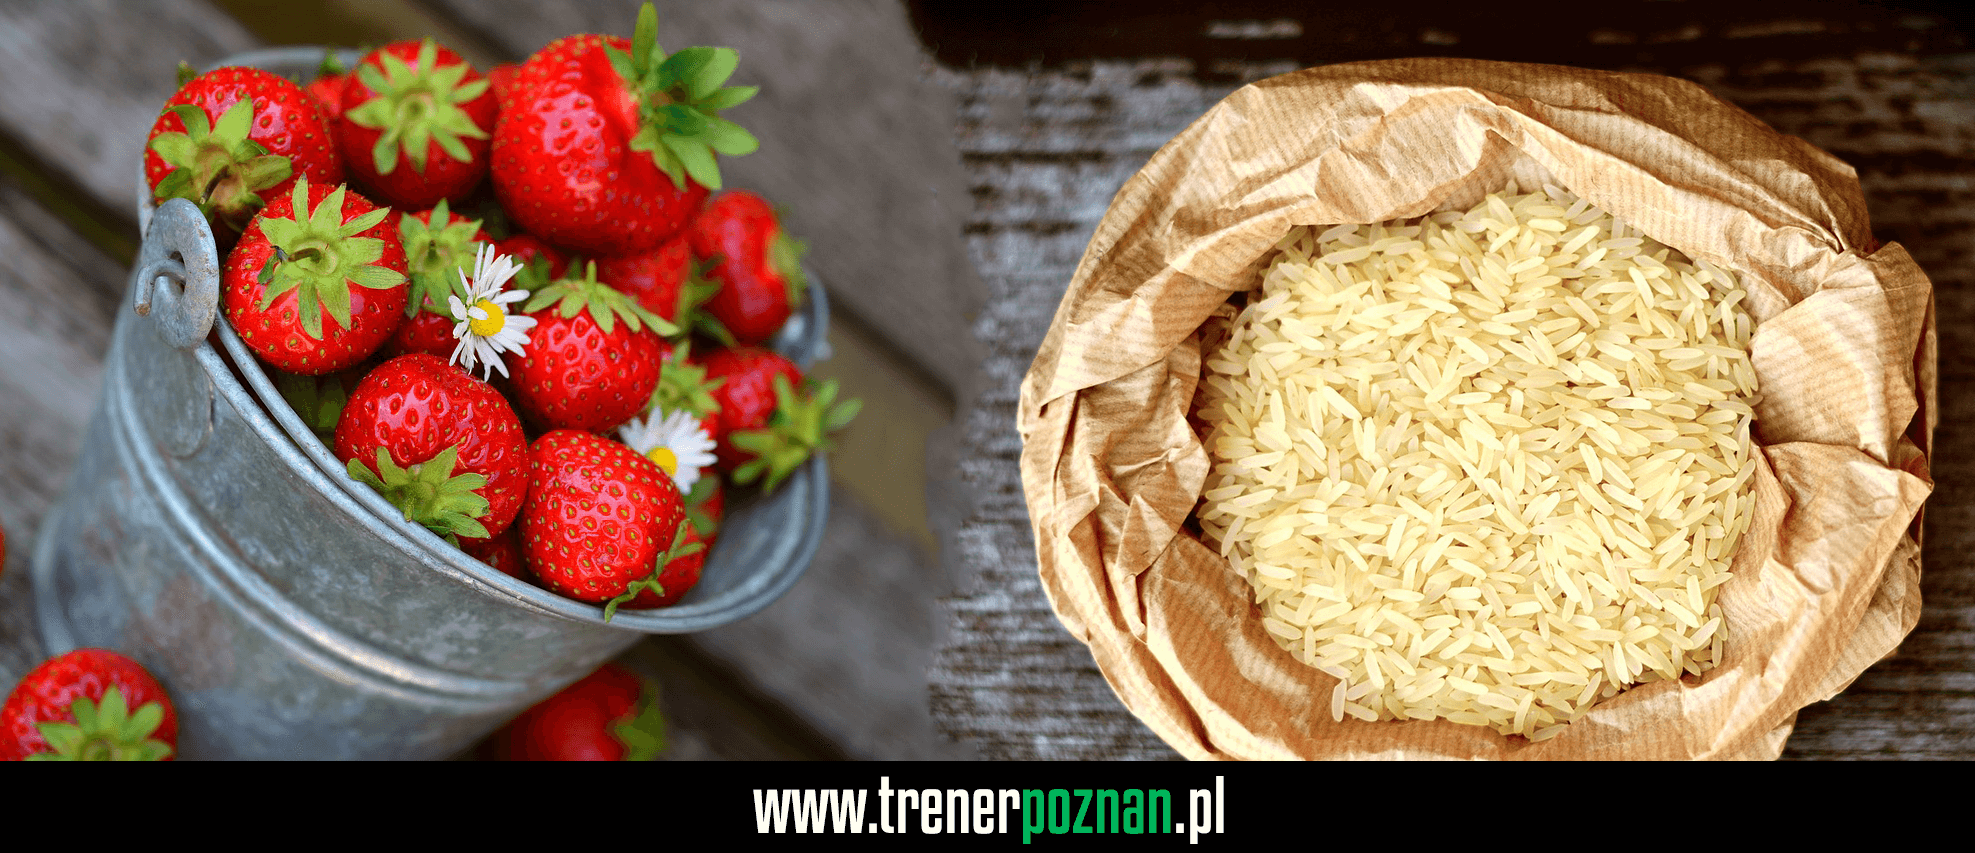 Ponad kilogram truskawek za 100 g ryżu? Kto by pomyślał, ale uczta! – Co warto jeszcze wiedzieć o truskawkach?